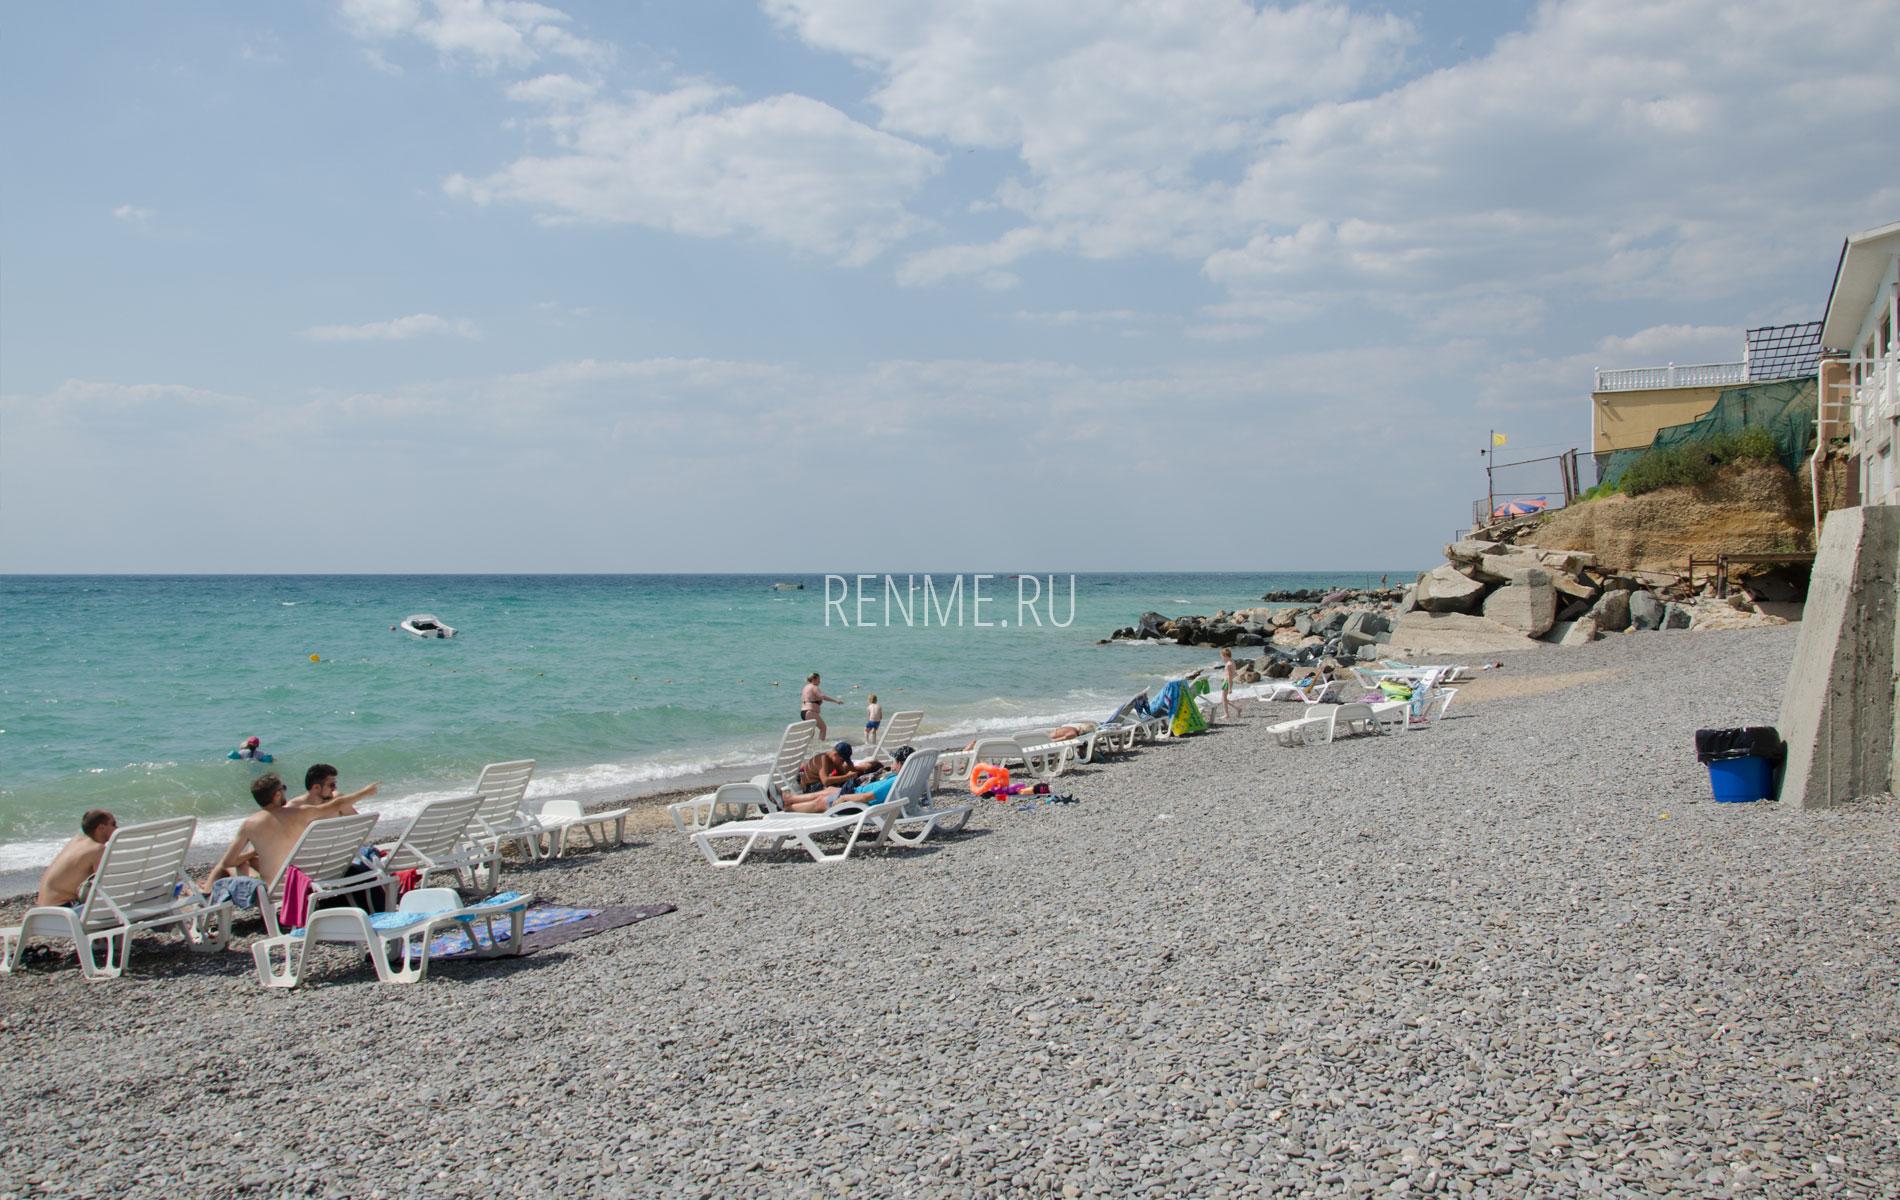 Чистый пляж Николаевки 2019. Фото Николаевки